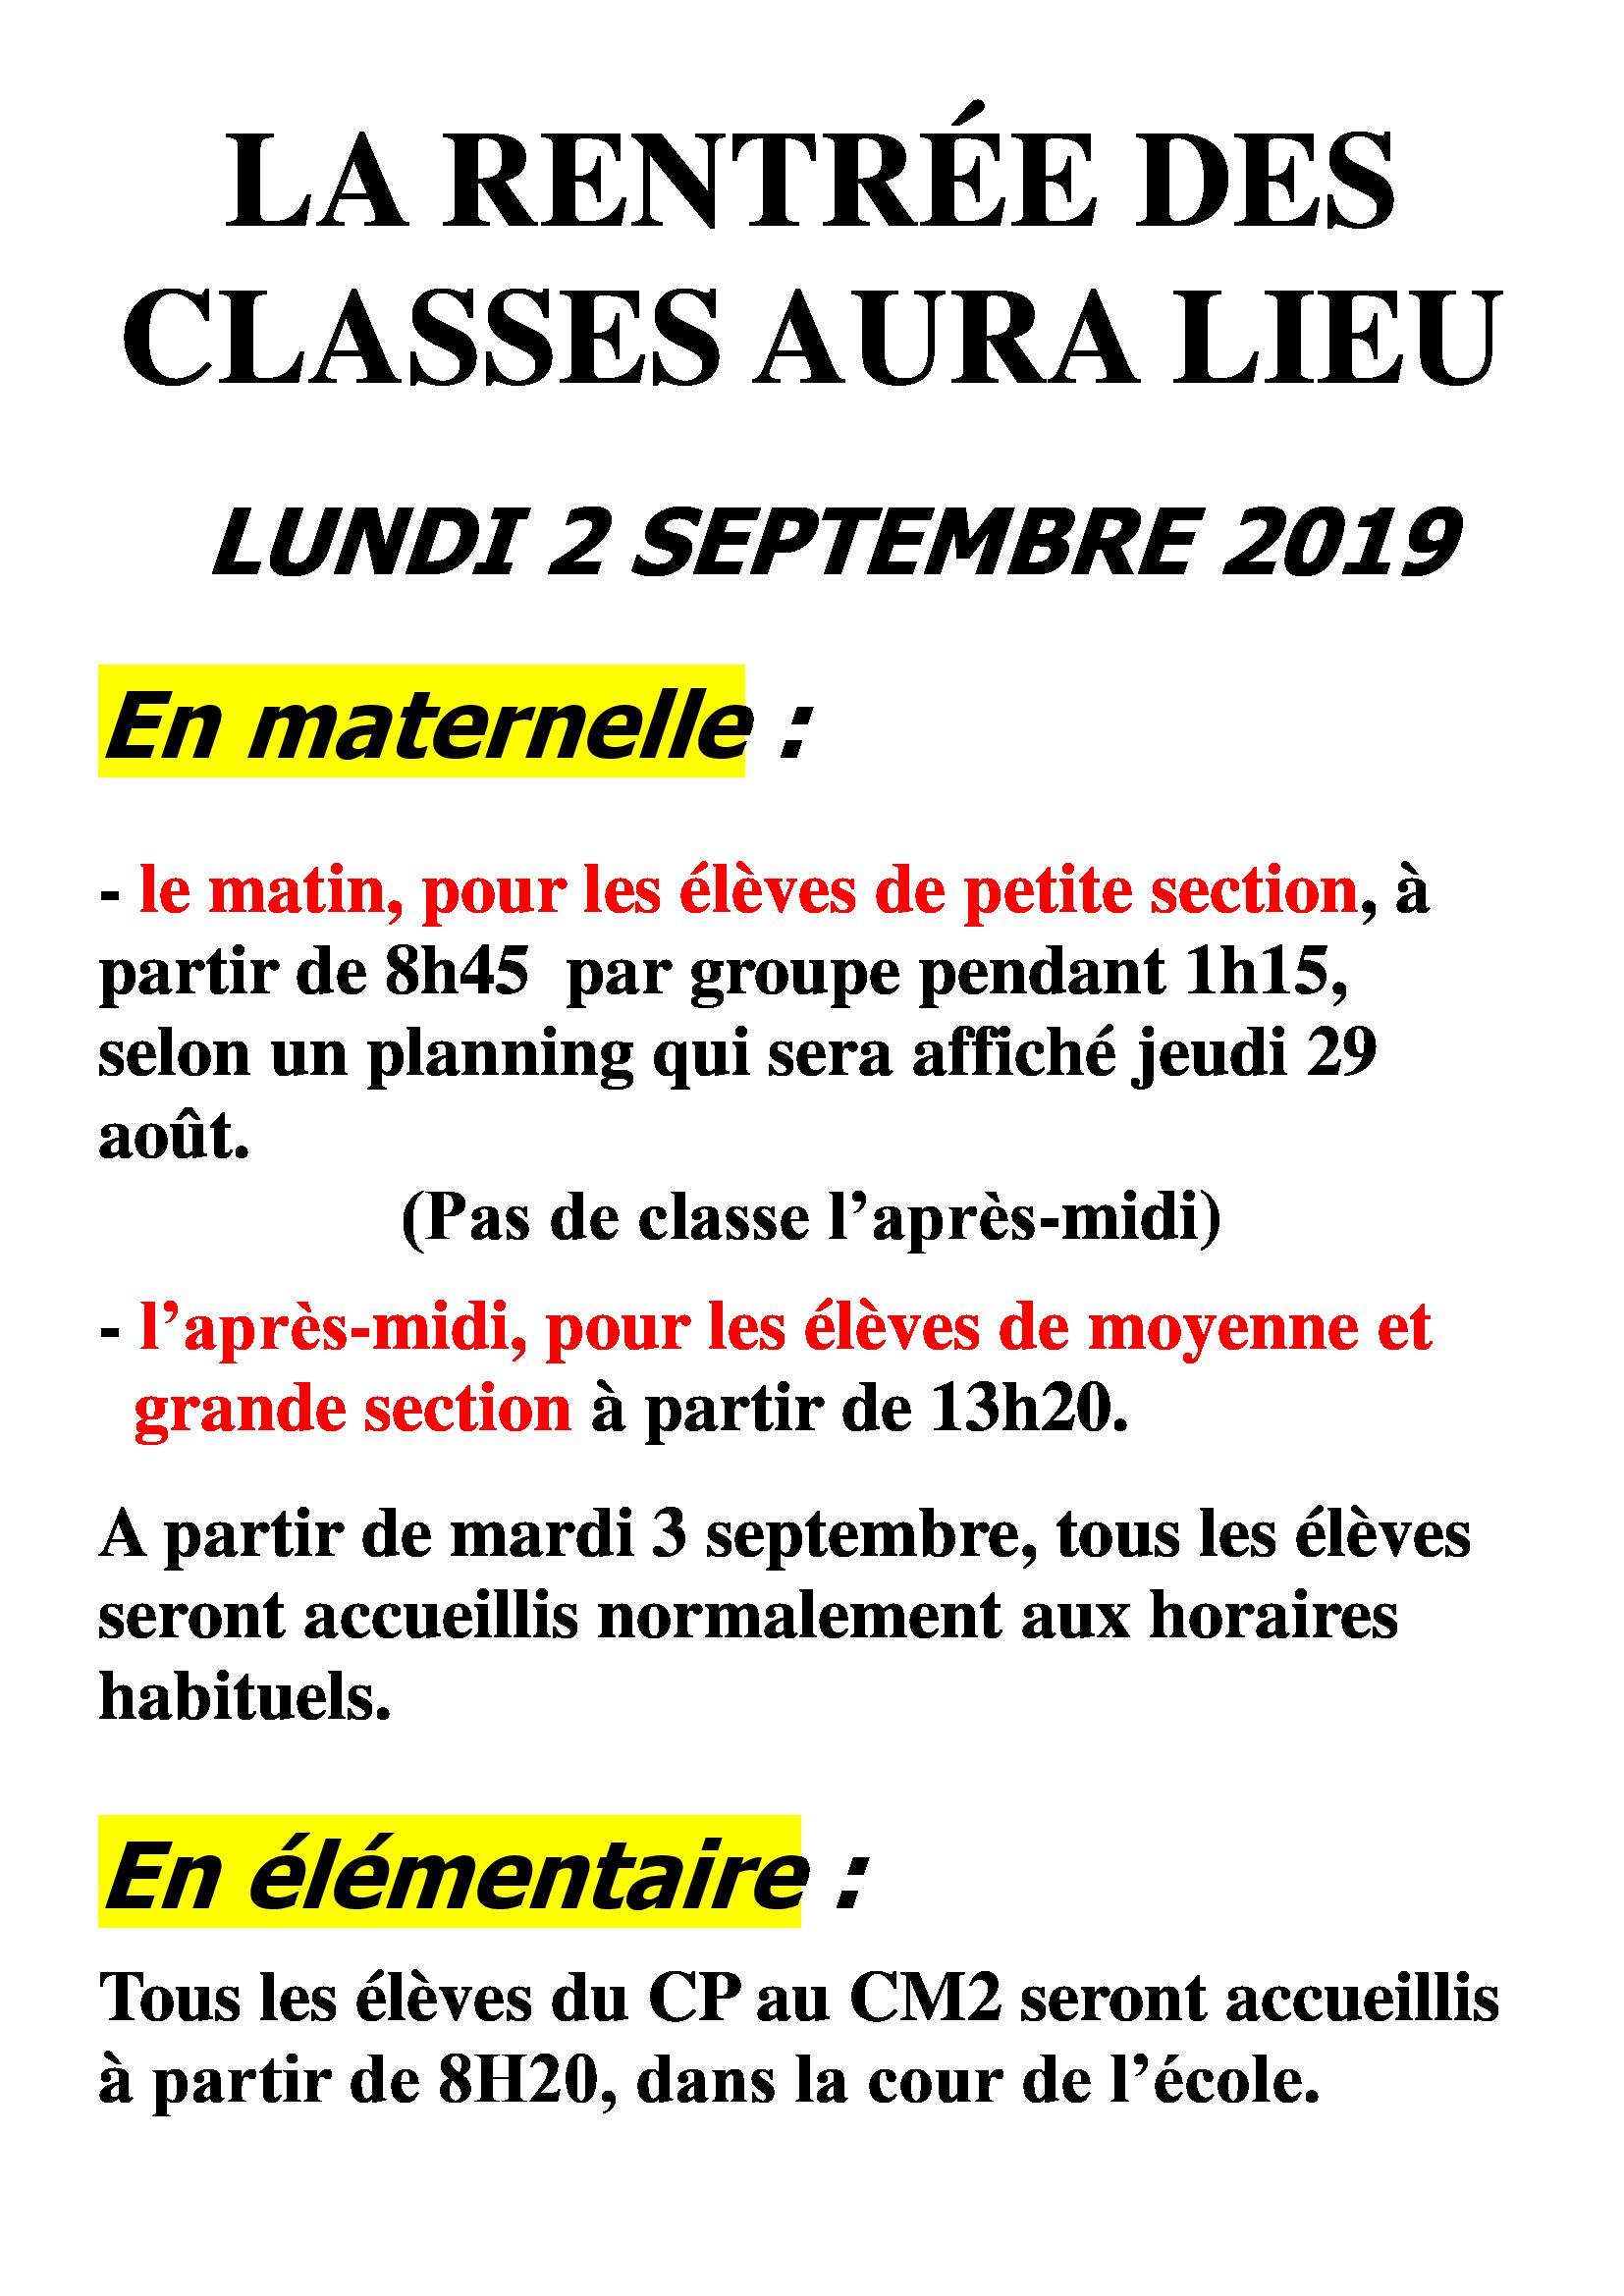 Organisation De La Rentrée 2019   Ecole Primaire De Sous Aléry dedans Rentrée En Grande Section